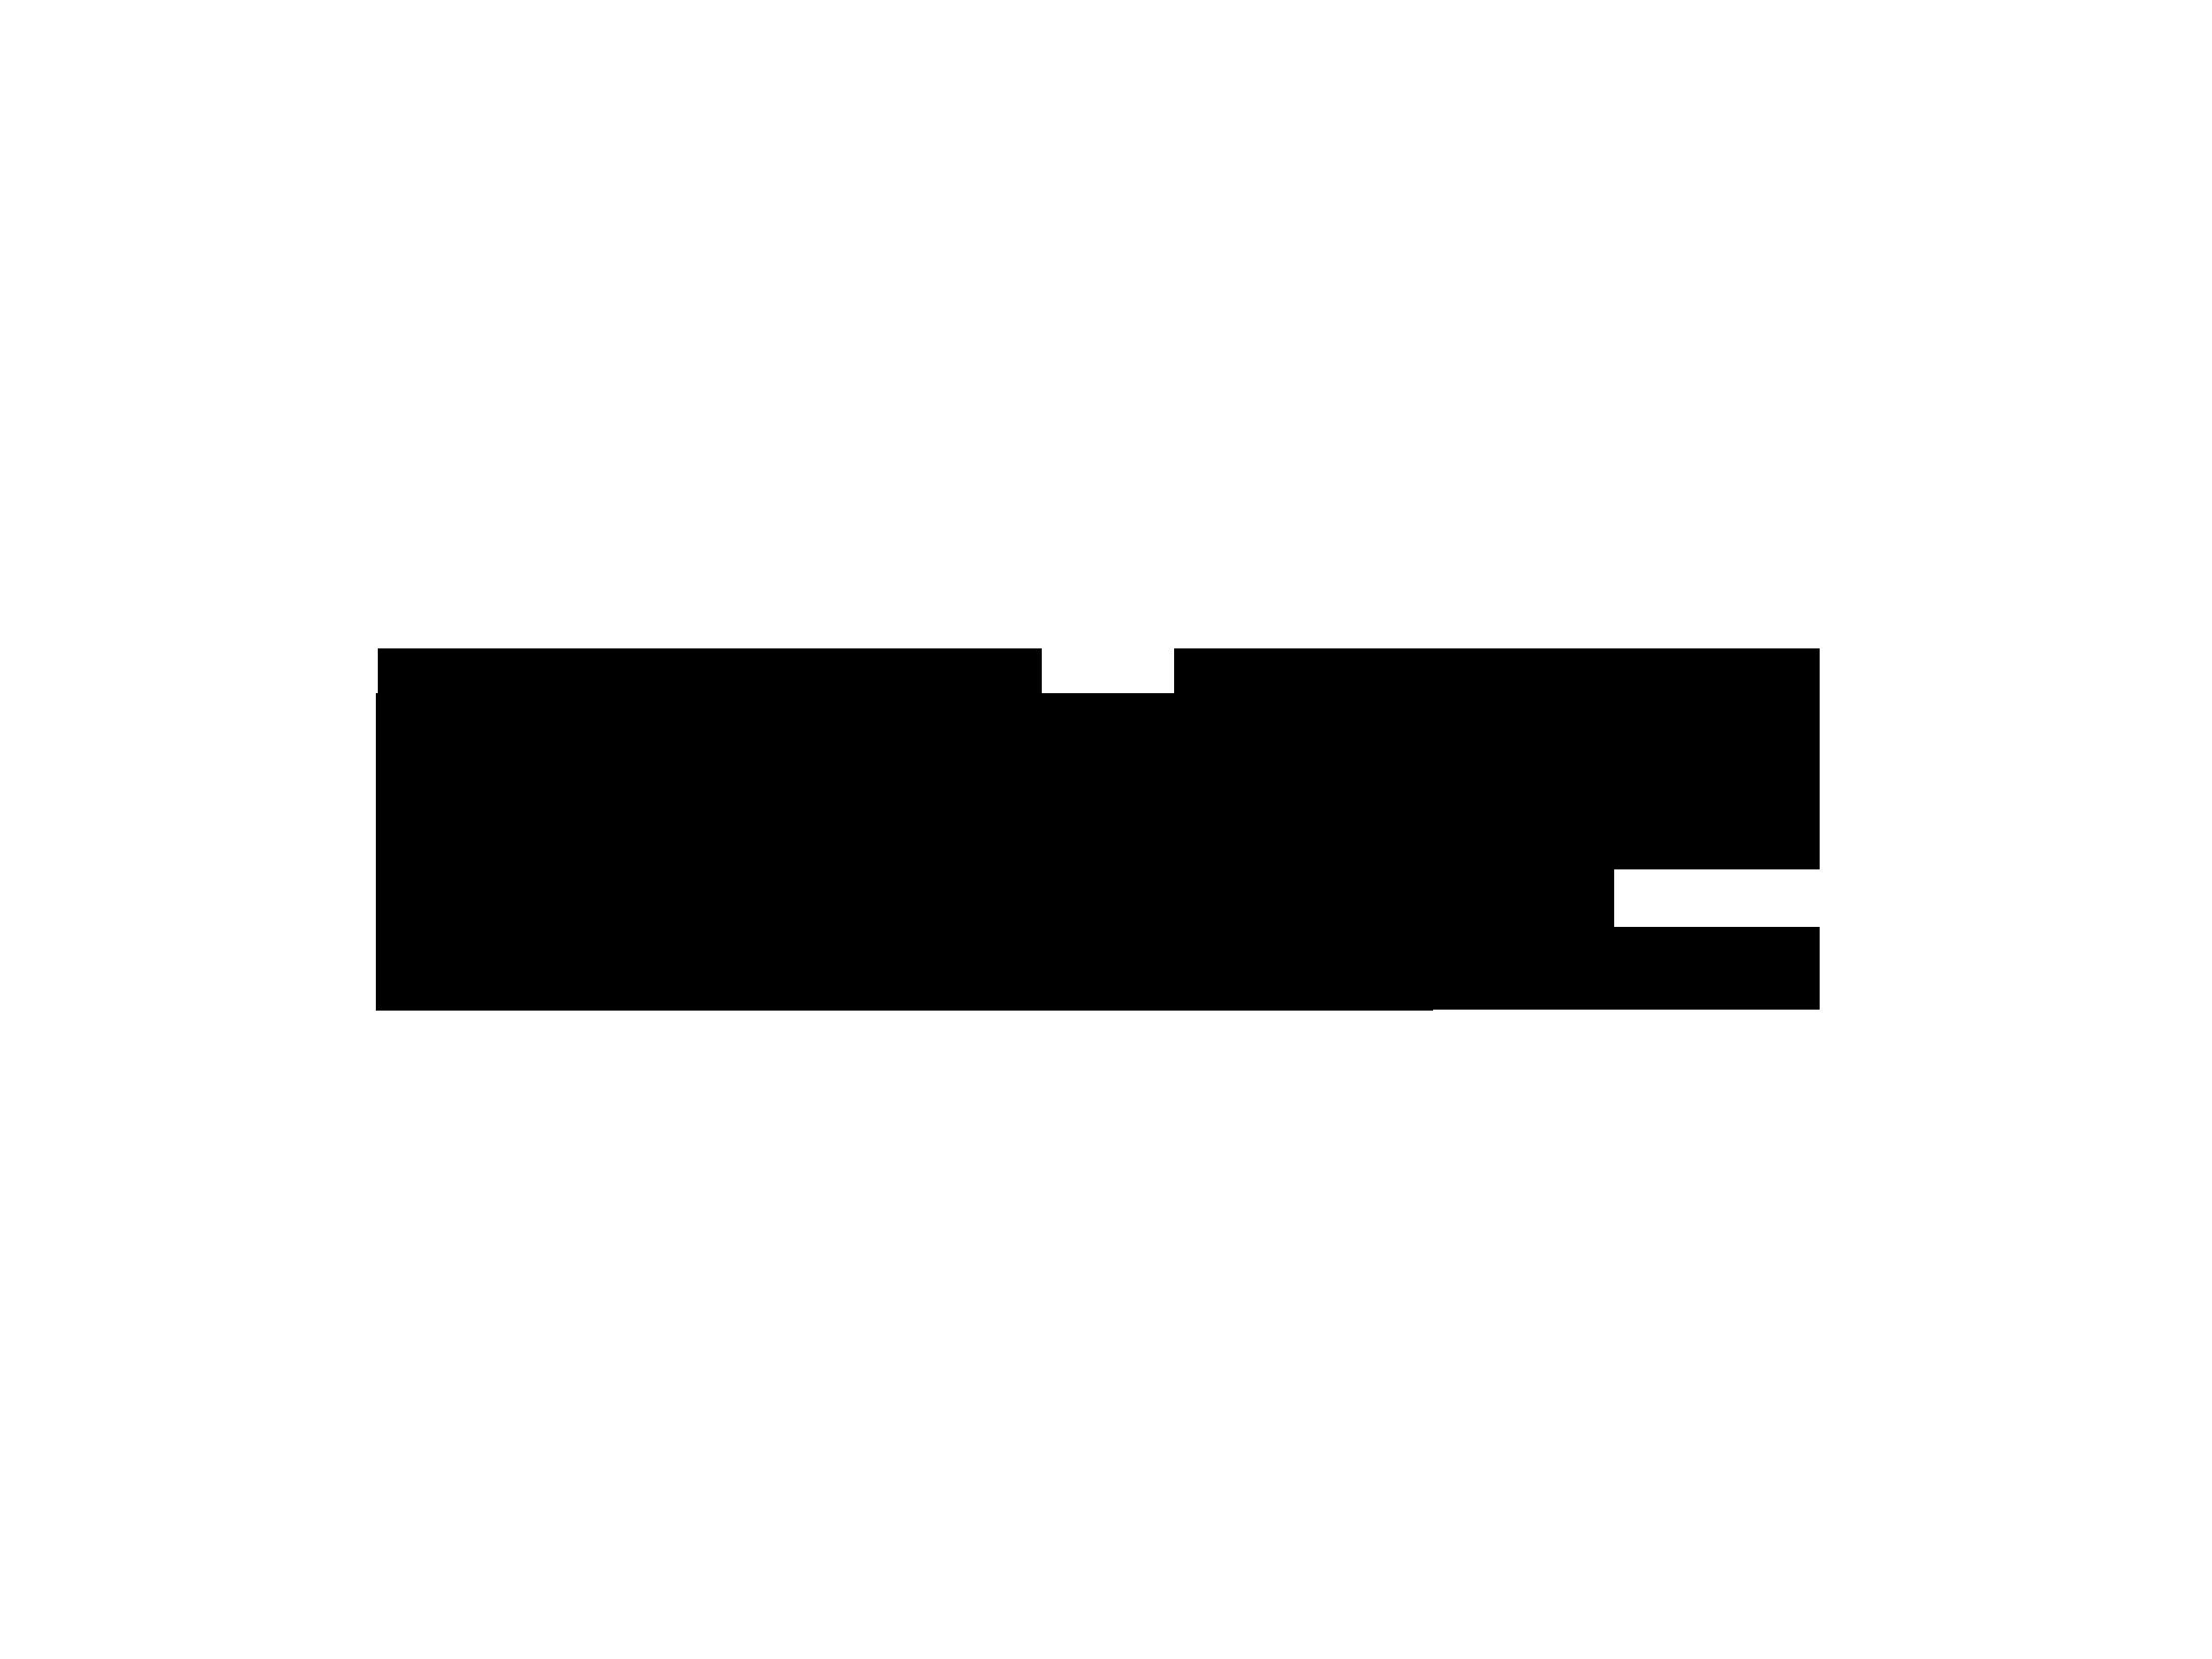 axe_logo